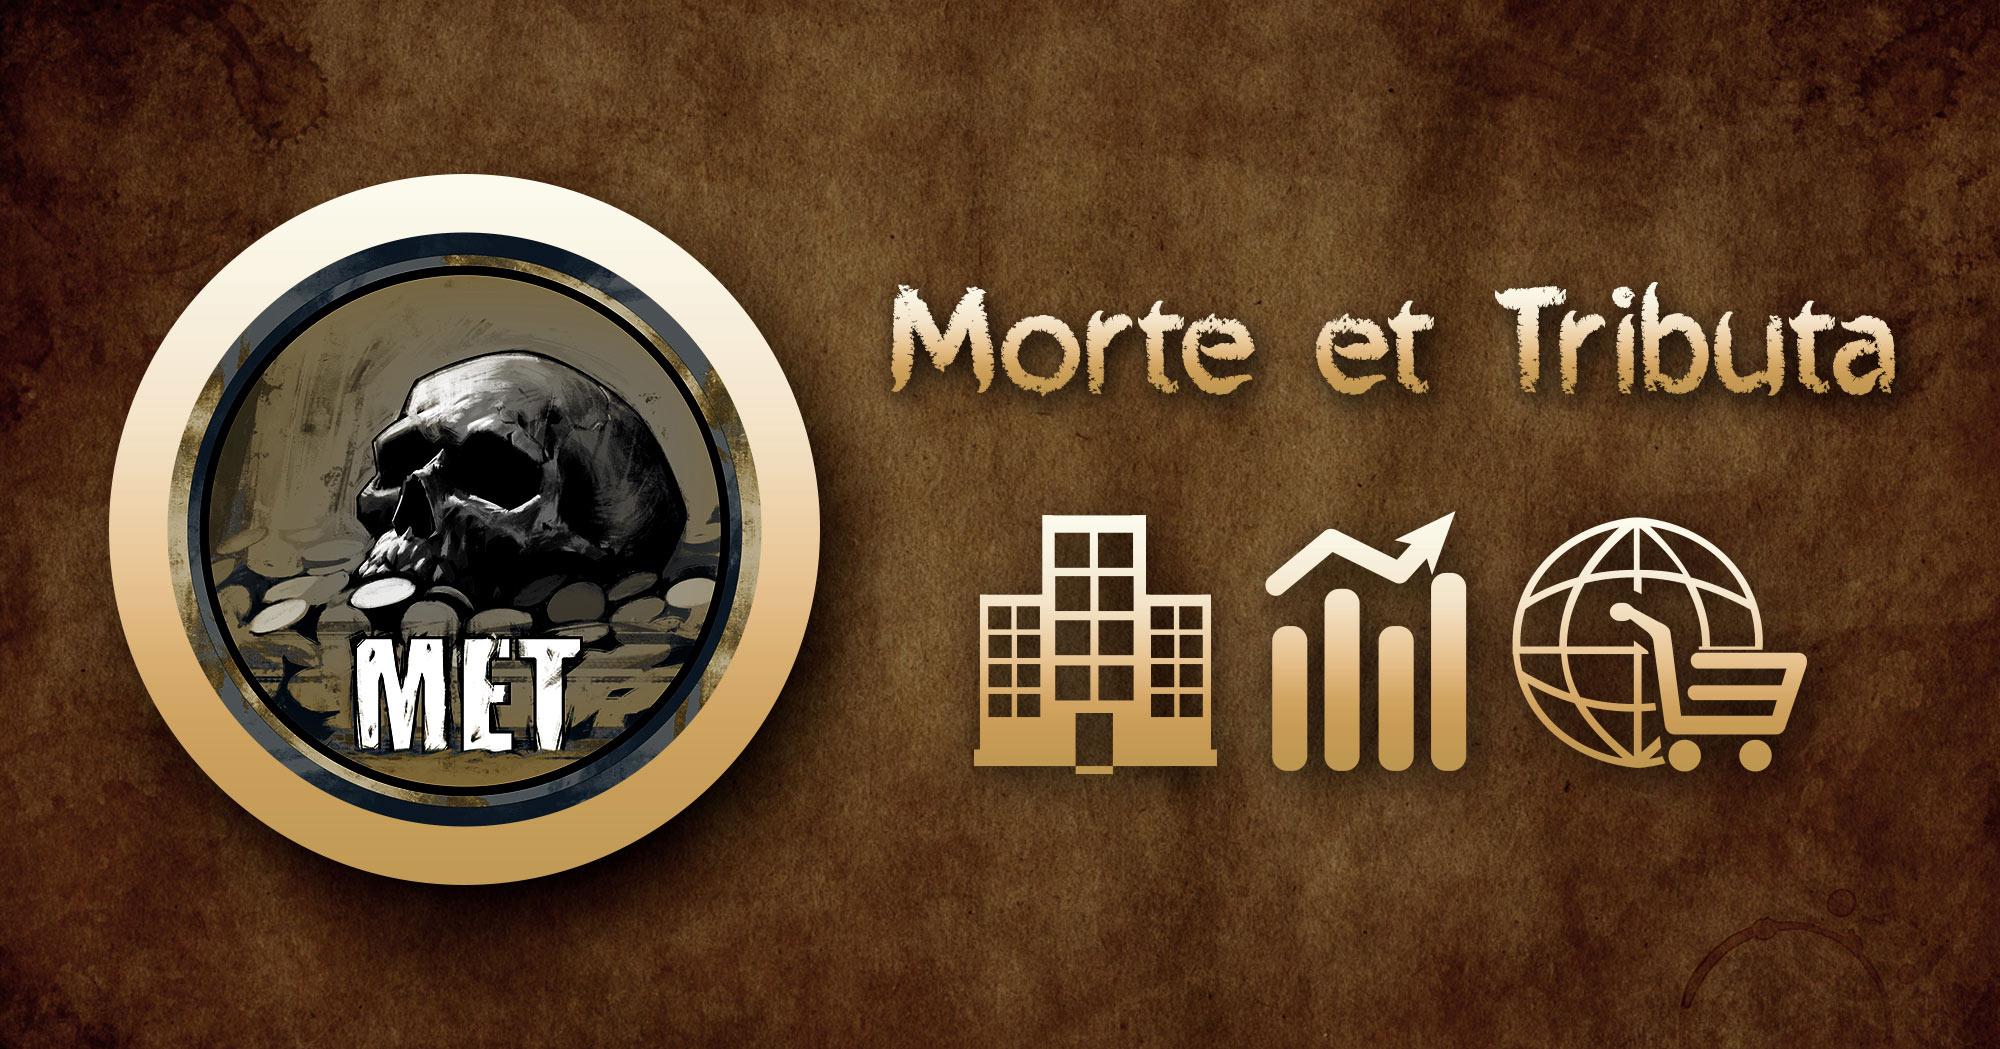 MET-BUSINESS-ART-CONTEST-2C_preview.jpg